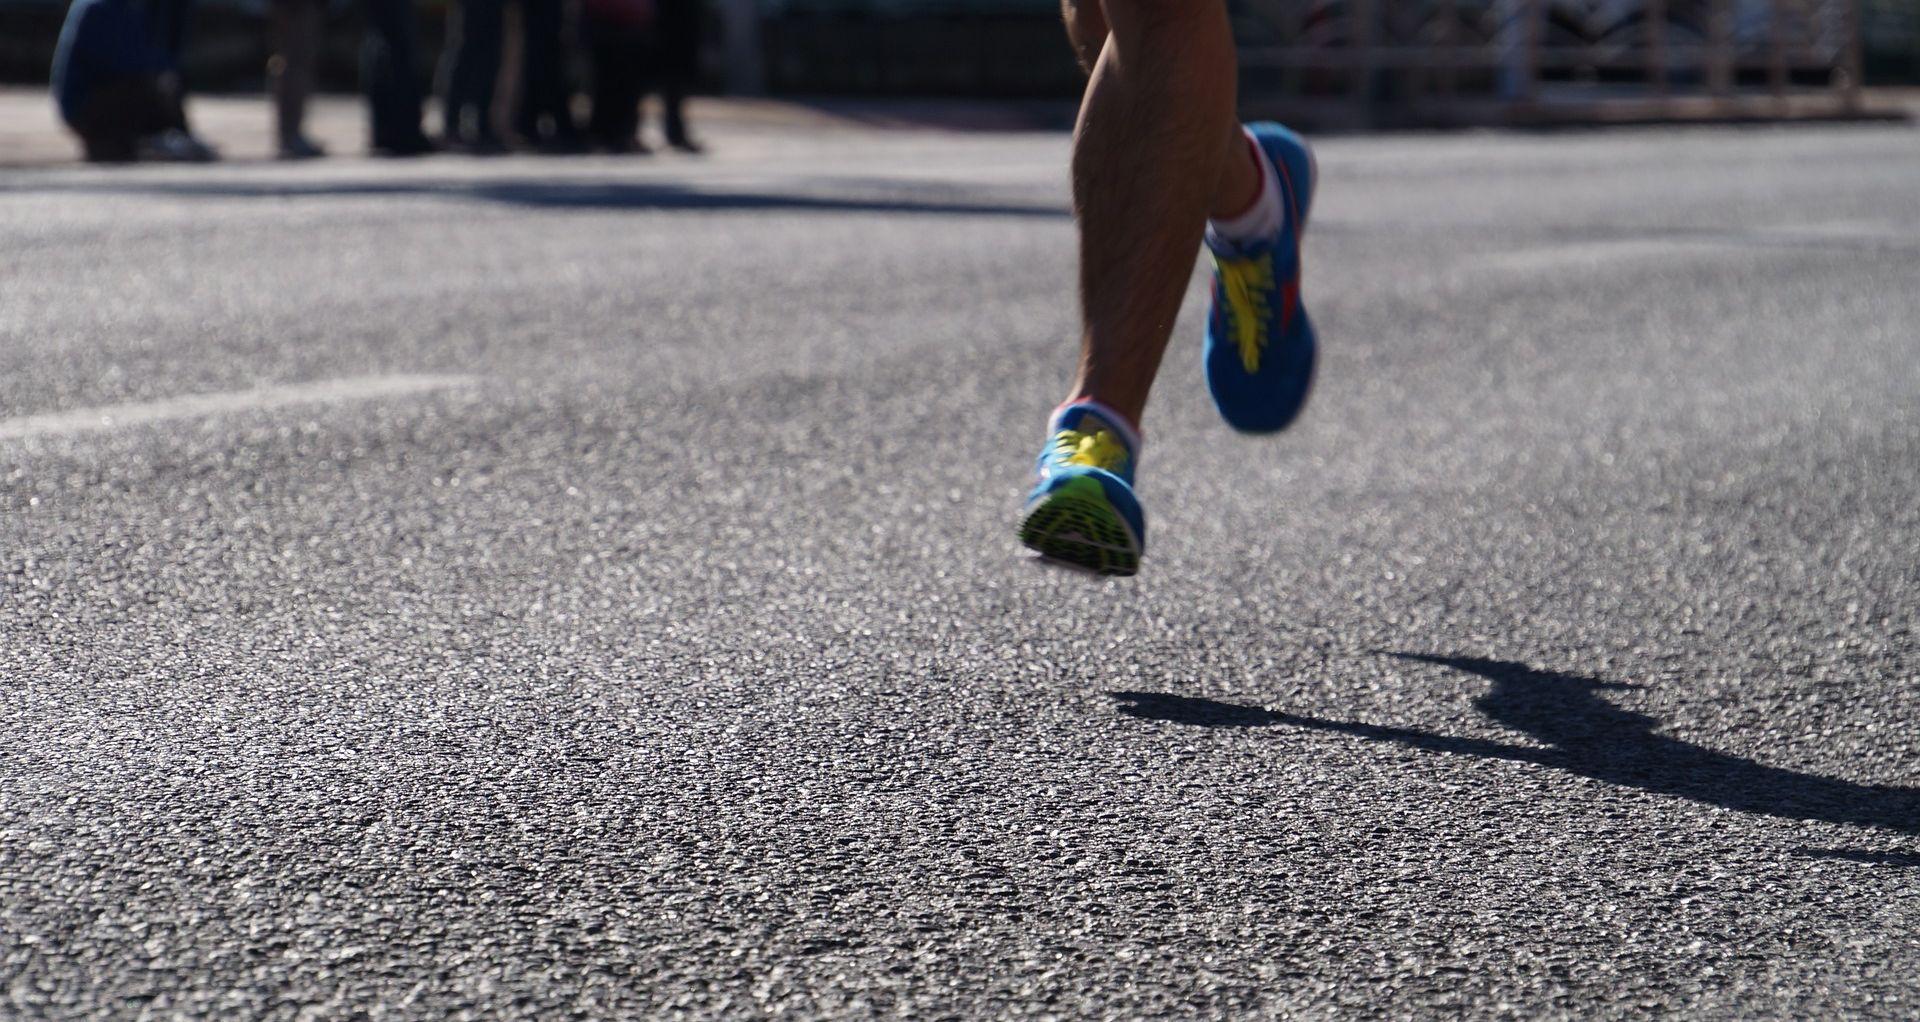 ADVENT RUN ZAGREB 2016. Više od 500 trkača iz 15 zemalja svijeta na međunarodnoj utrci na 10 kilometara